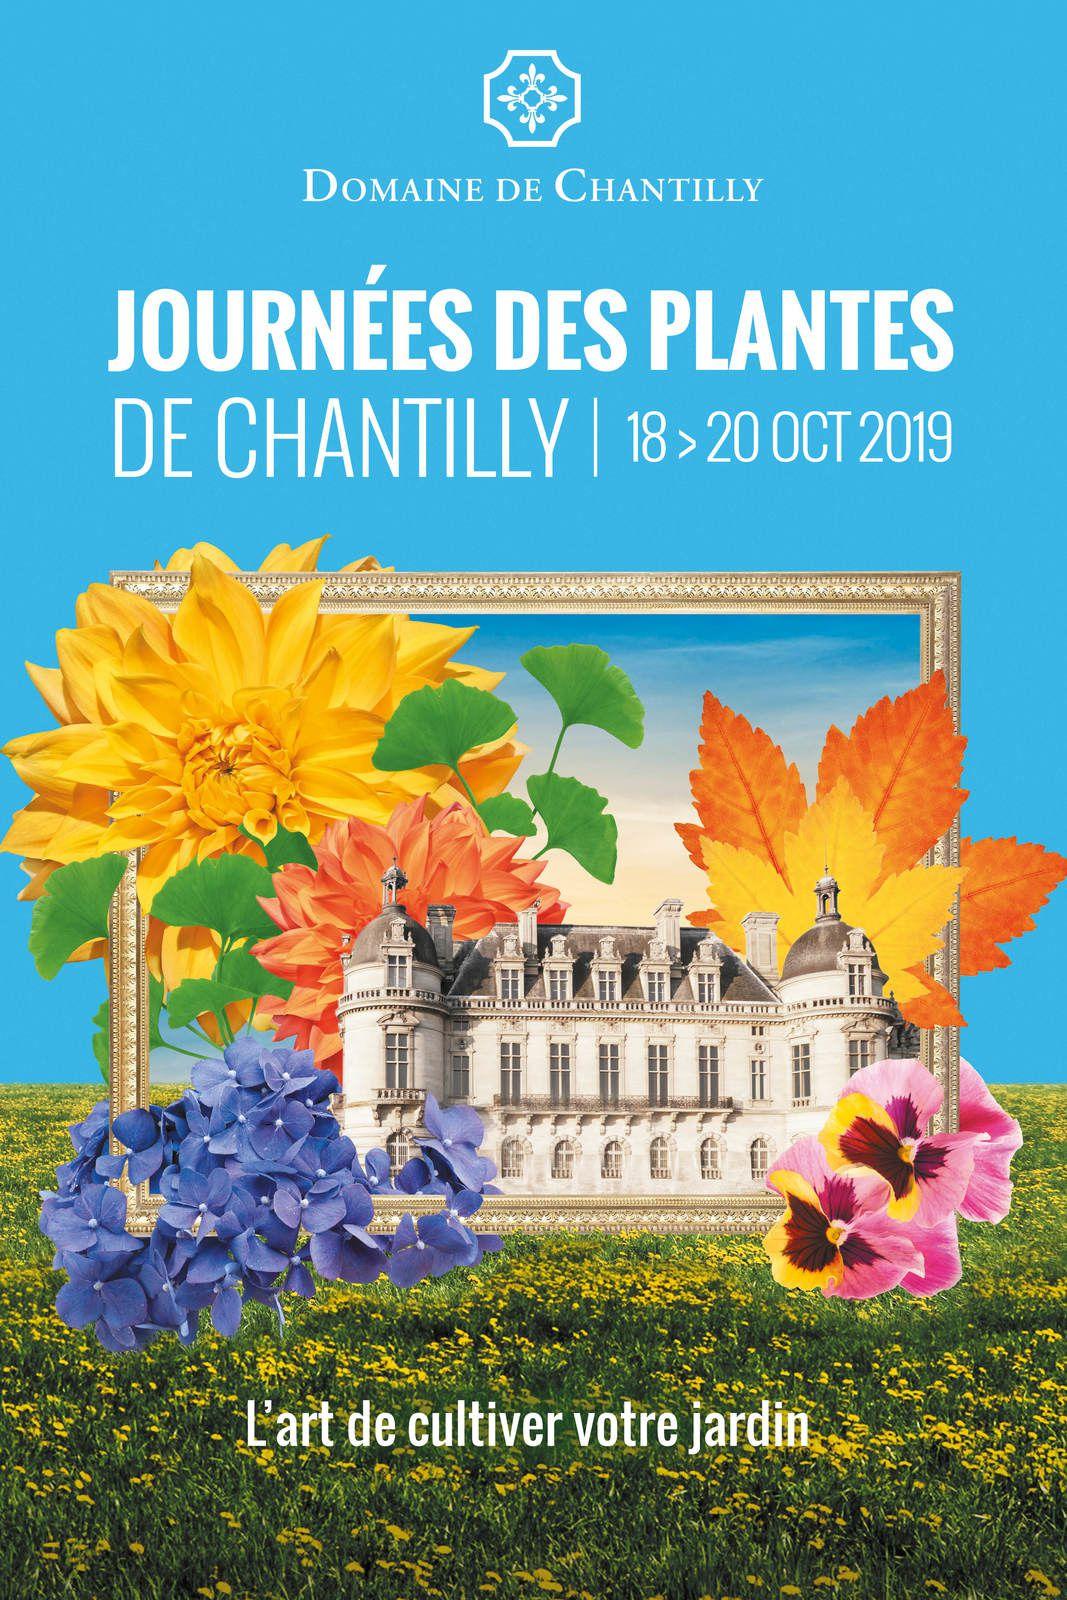 Les Sans Soucis, Journées des Plantes d'Automne de Chantilly